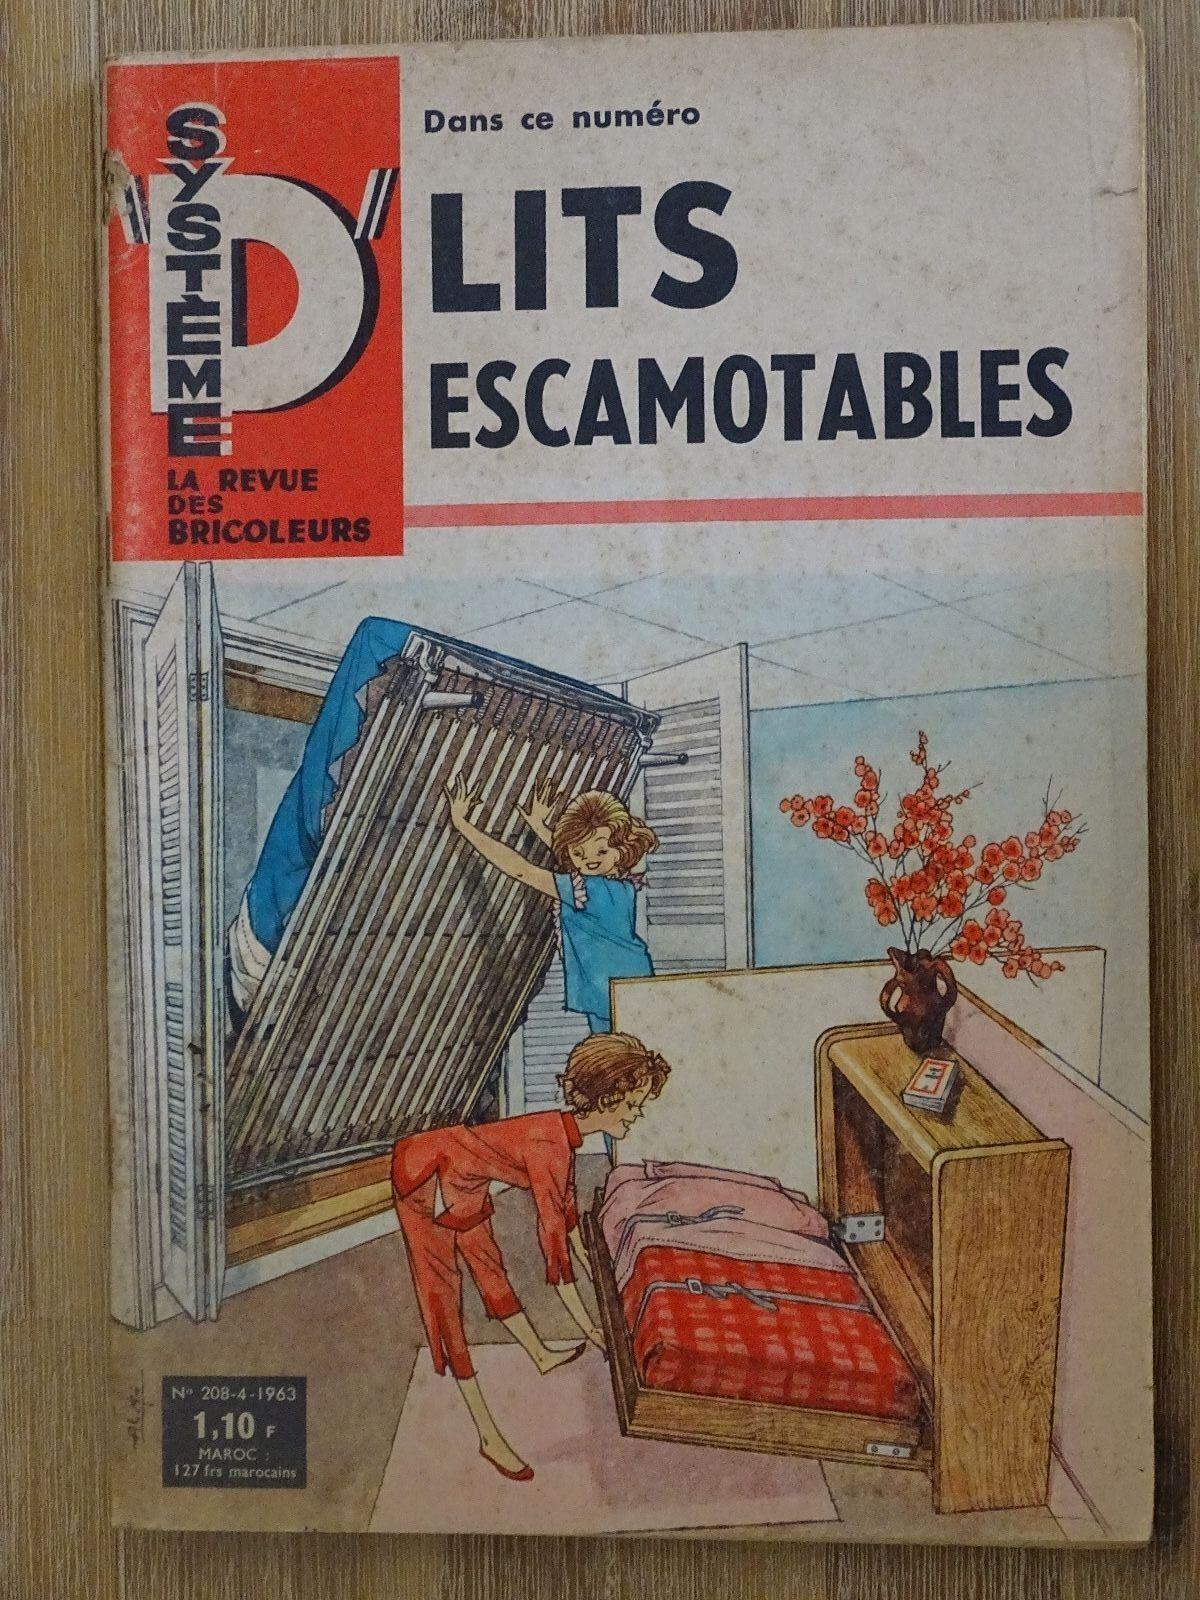 Système d- la revue des bricoleurs  ''lits escamotables'' numéro 208 avril 1963